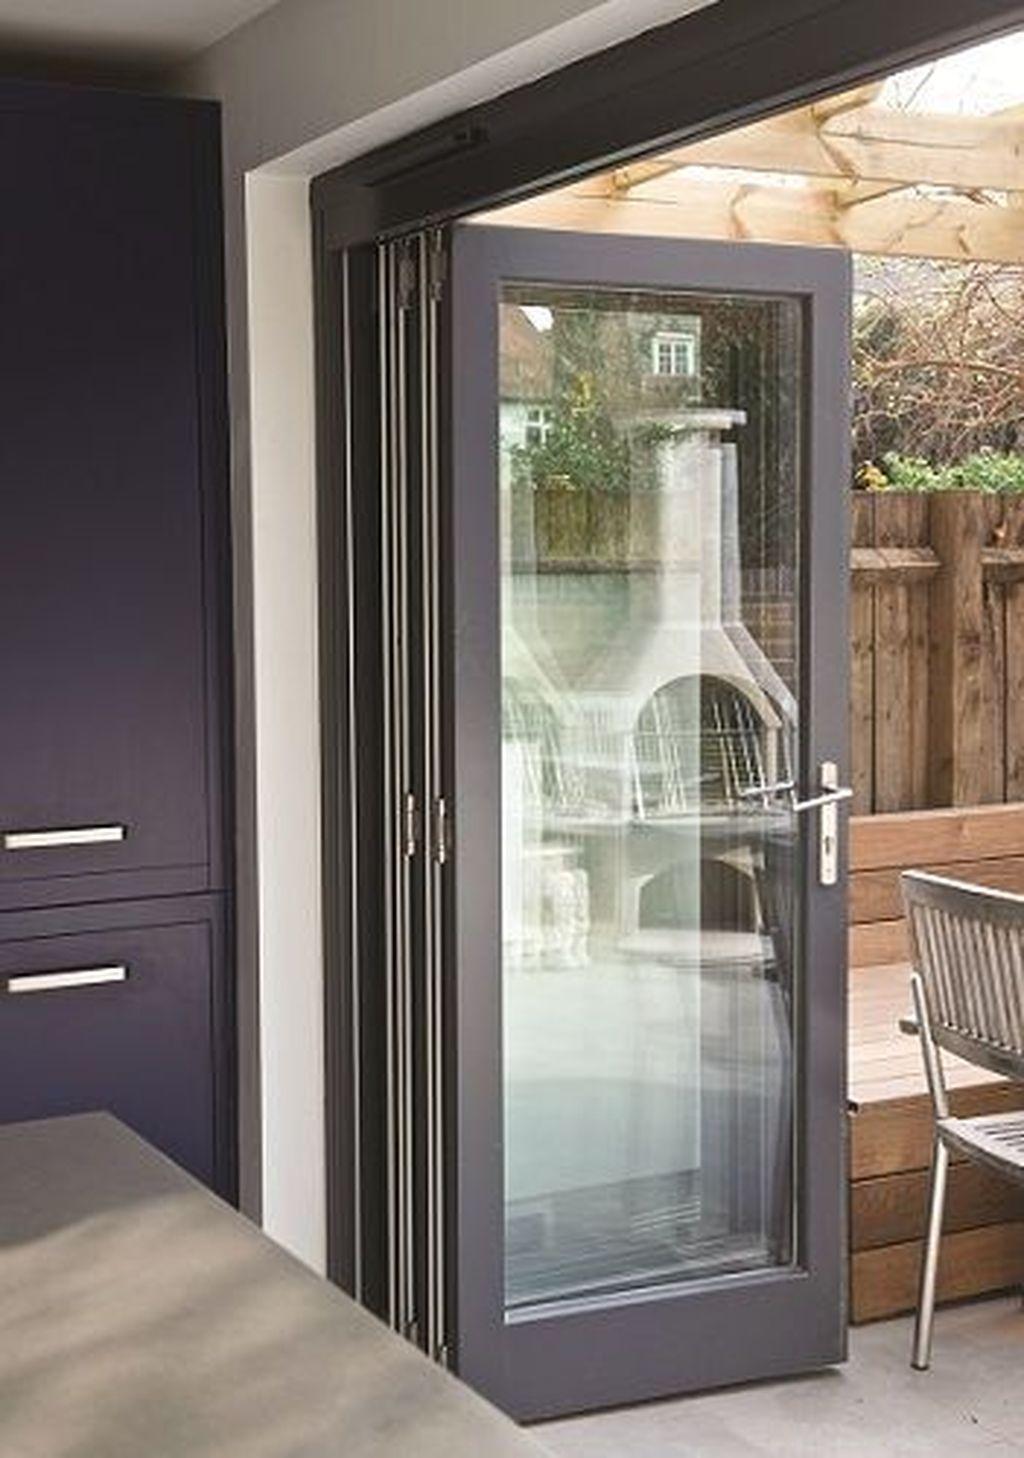 31 Extraordinary Home Door Design Ideas For Best Home In 2020 Bifold Patio Doors Folding Patio Doors Home Door Design